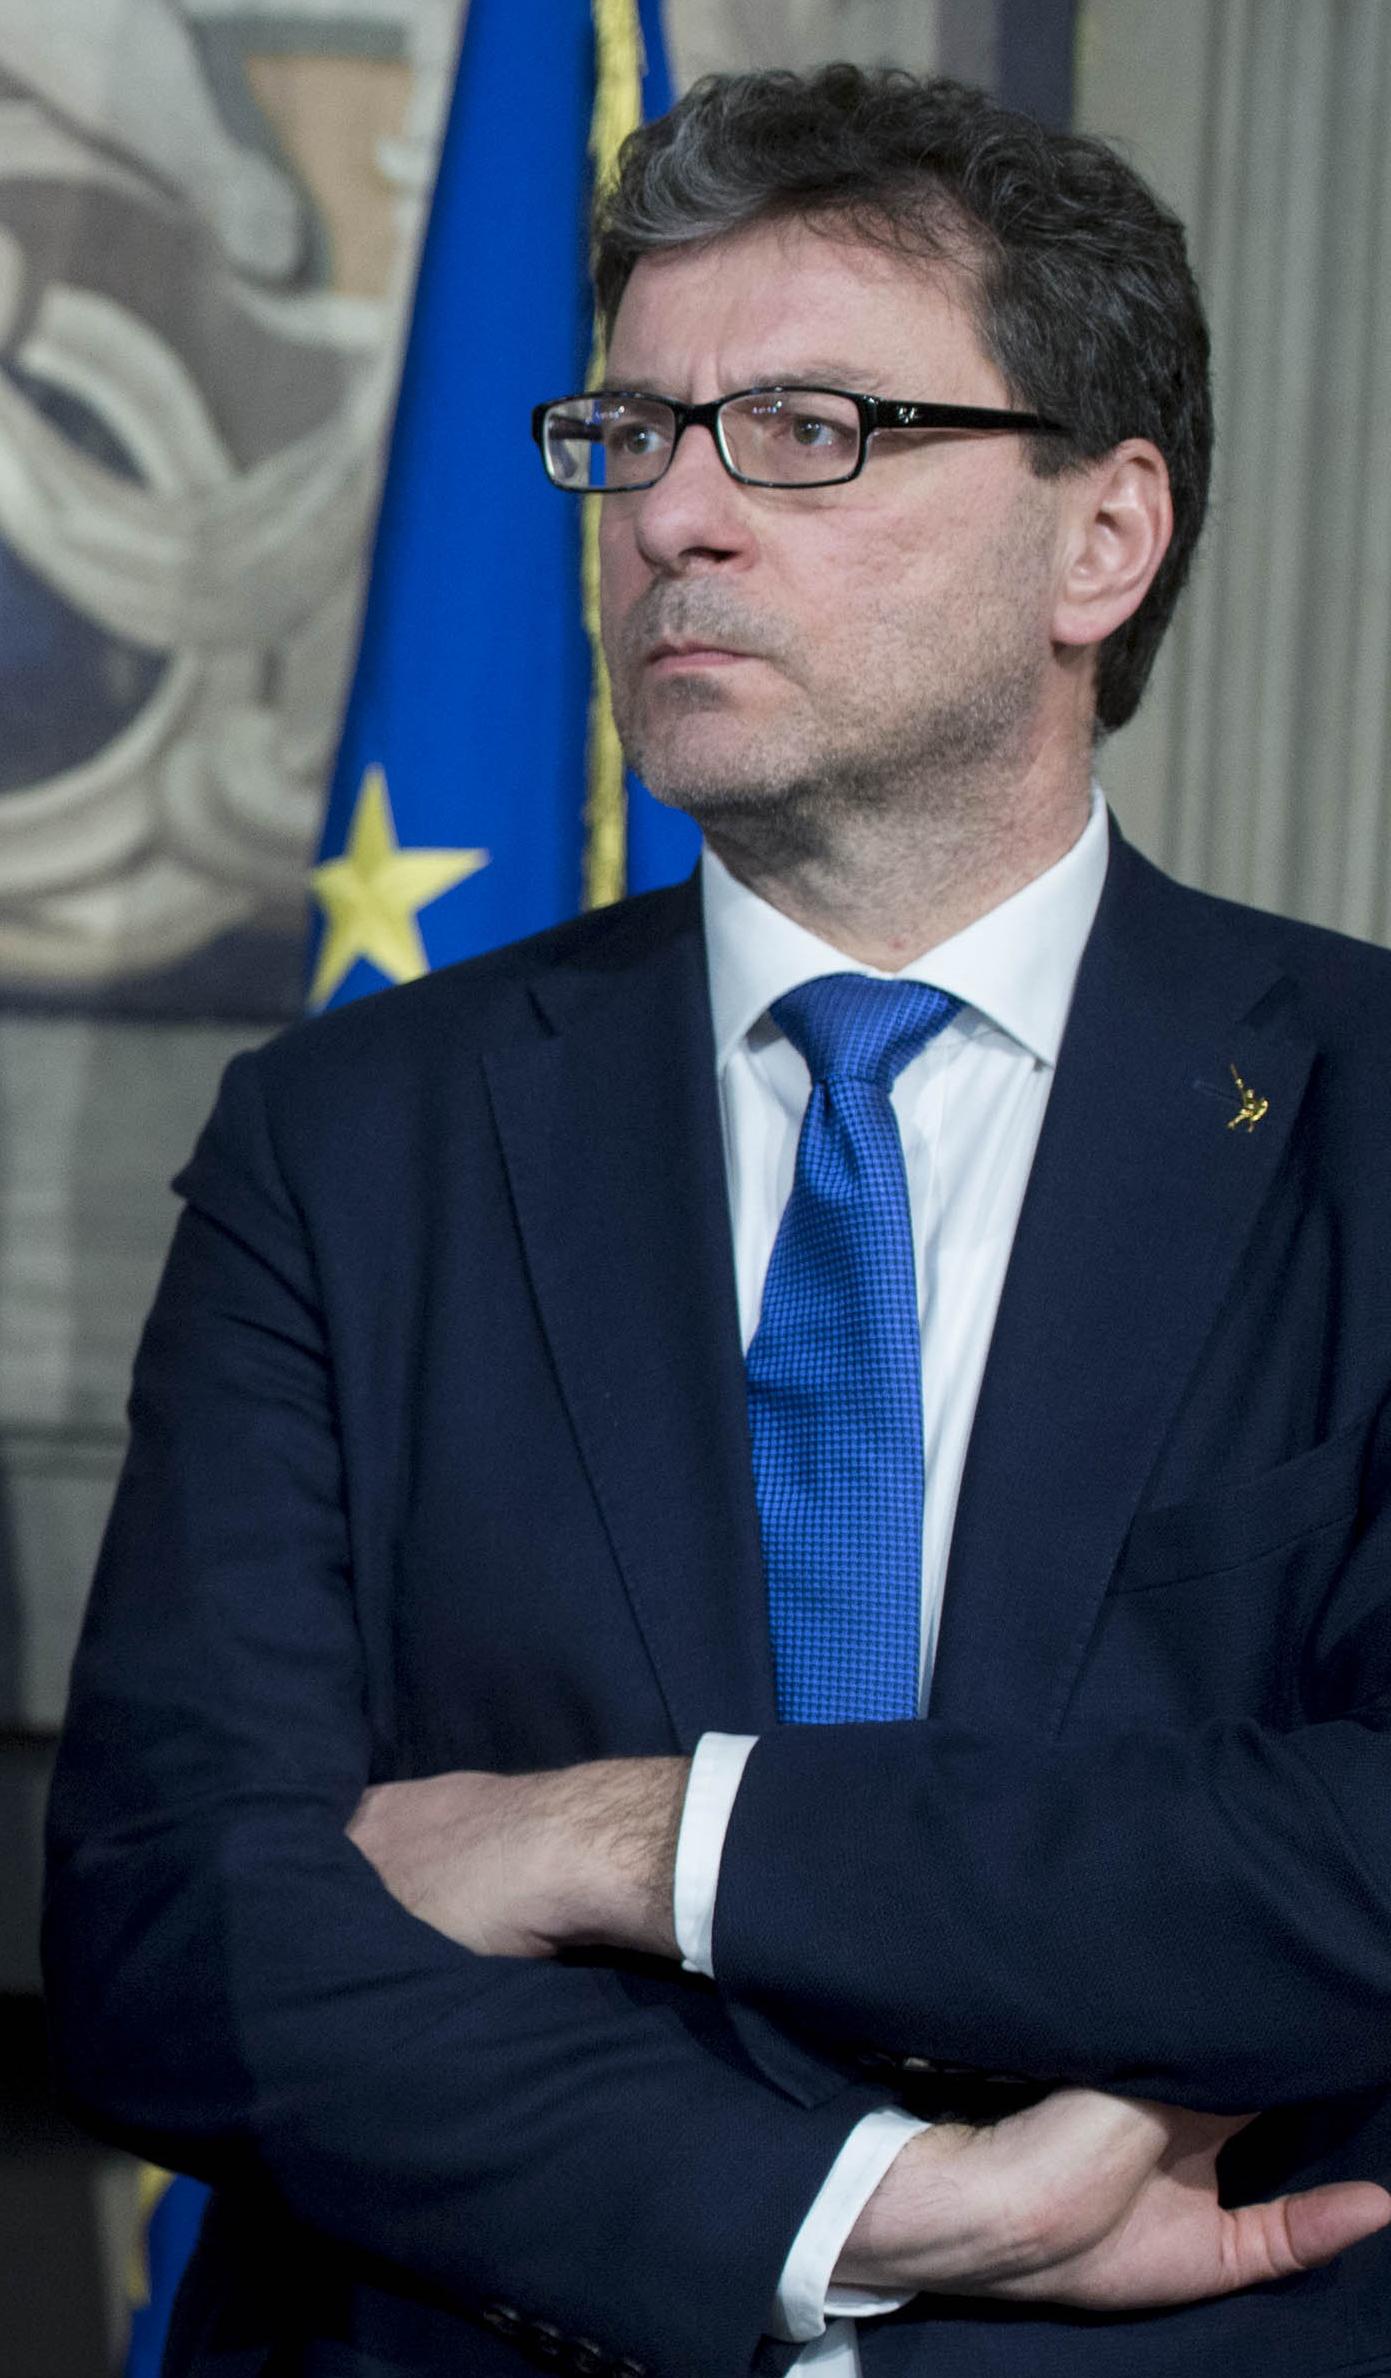 Giancarlo giorgetti wikipedia for Commissione bilancio camera dei deputati